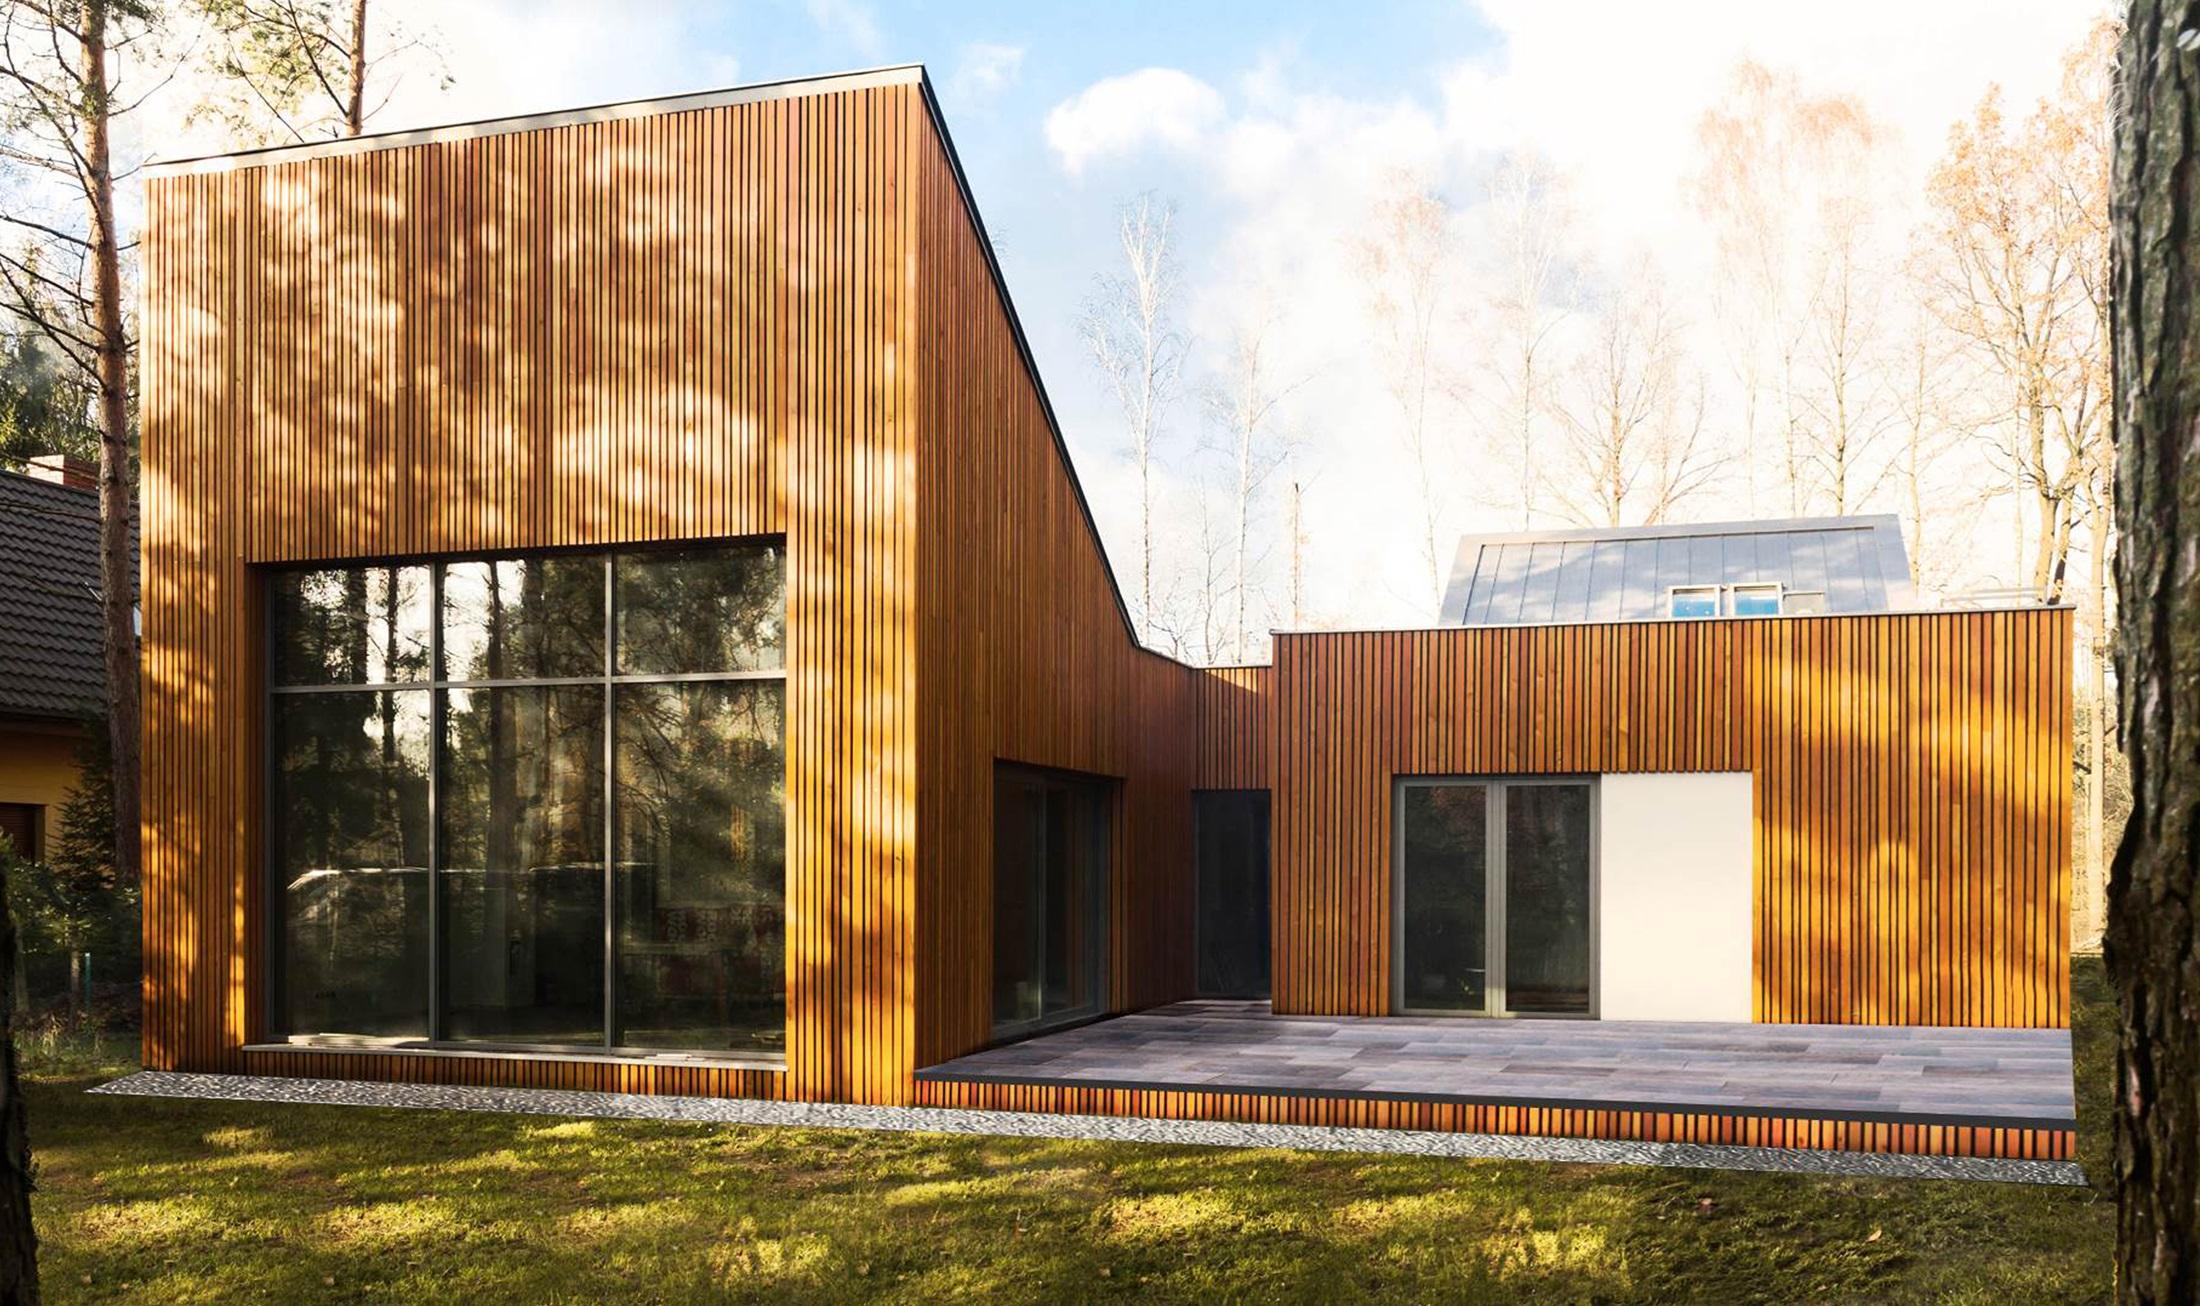 Najlepsze domy w Polsce: Leśny dom w Kuźnicy Kiedrzyńskiej